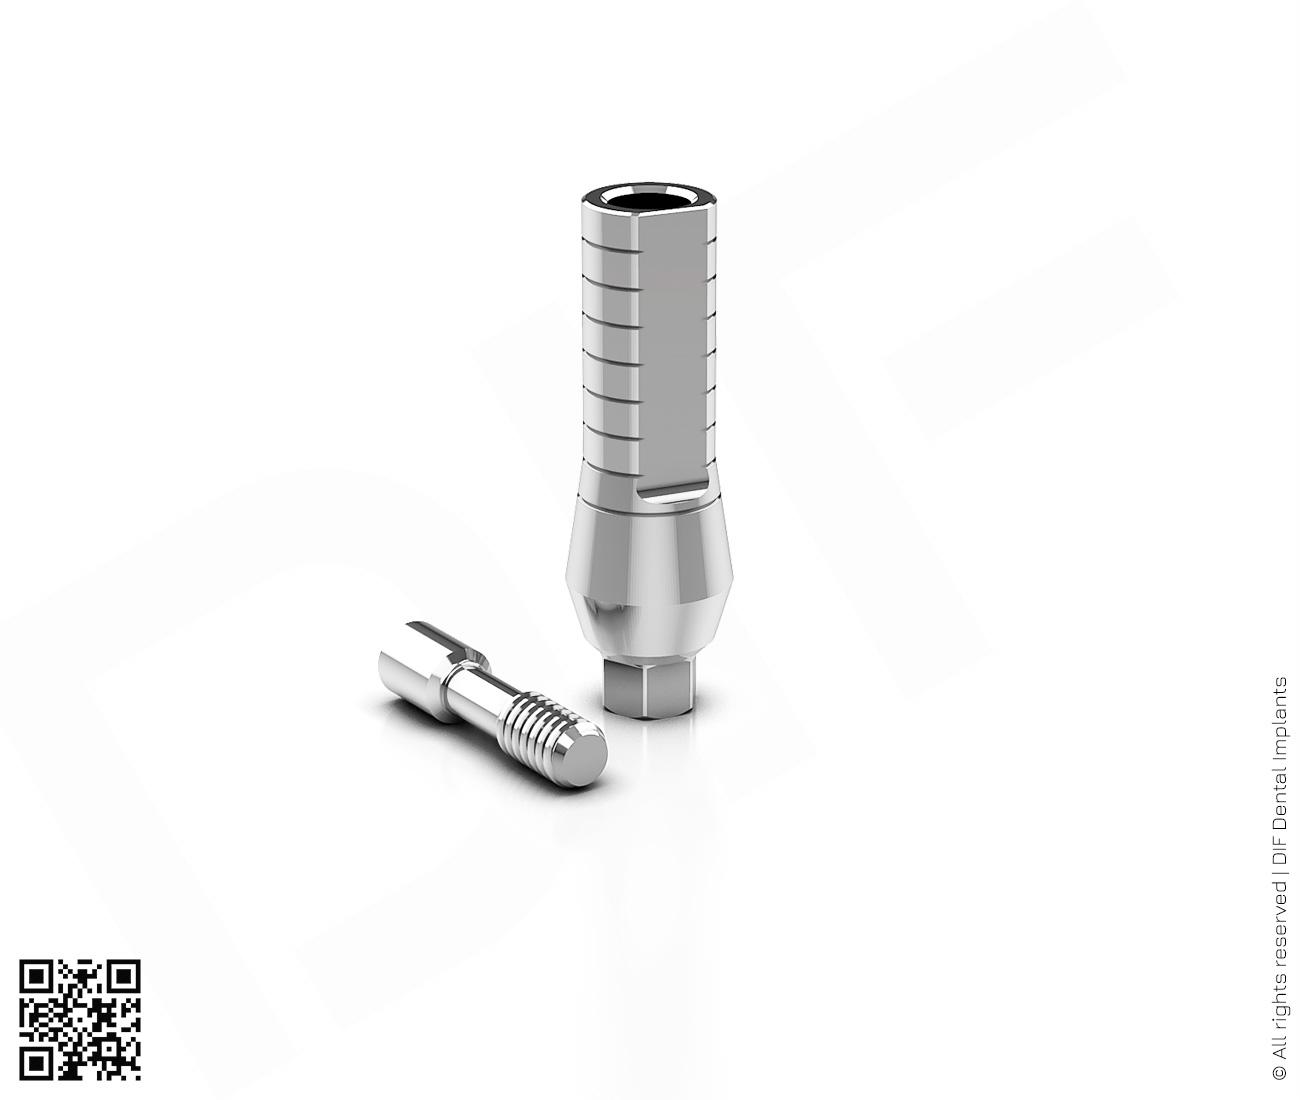 Фото абатмент титановый прямой d4.5 мм – h12.0 мм серии classic  производства DIF.